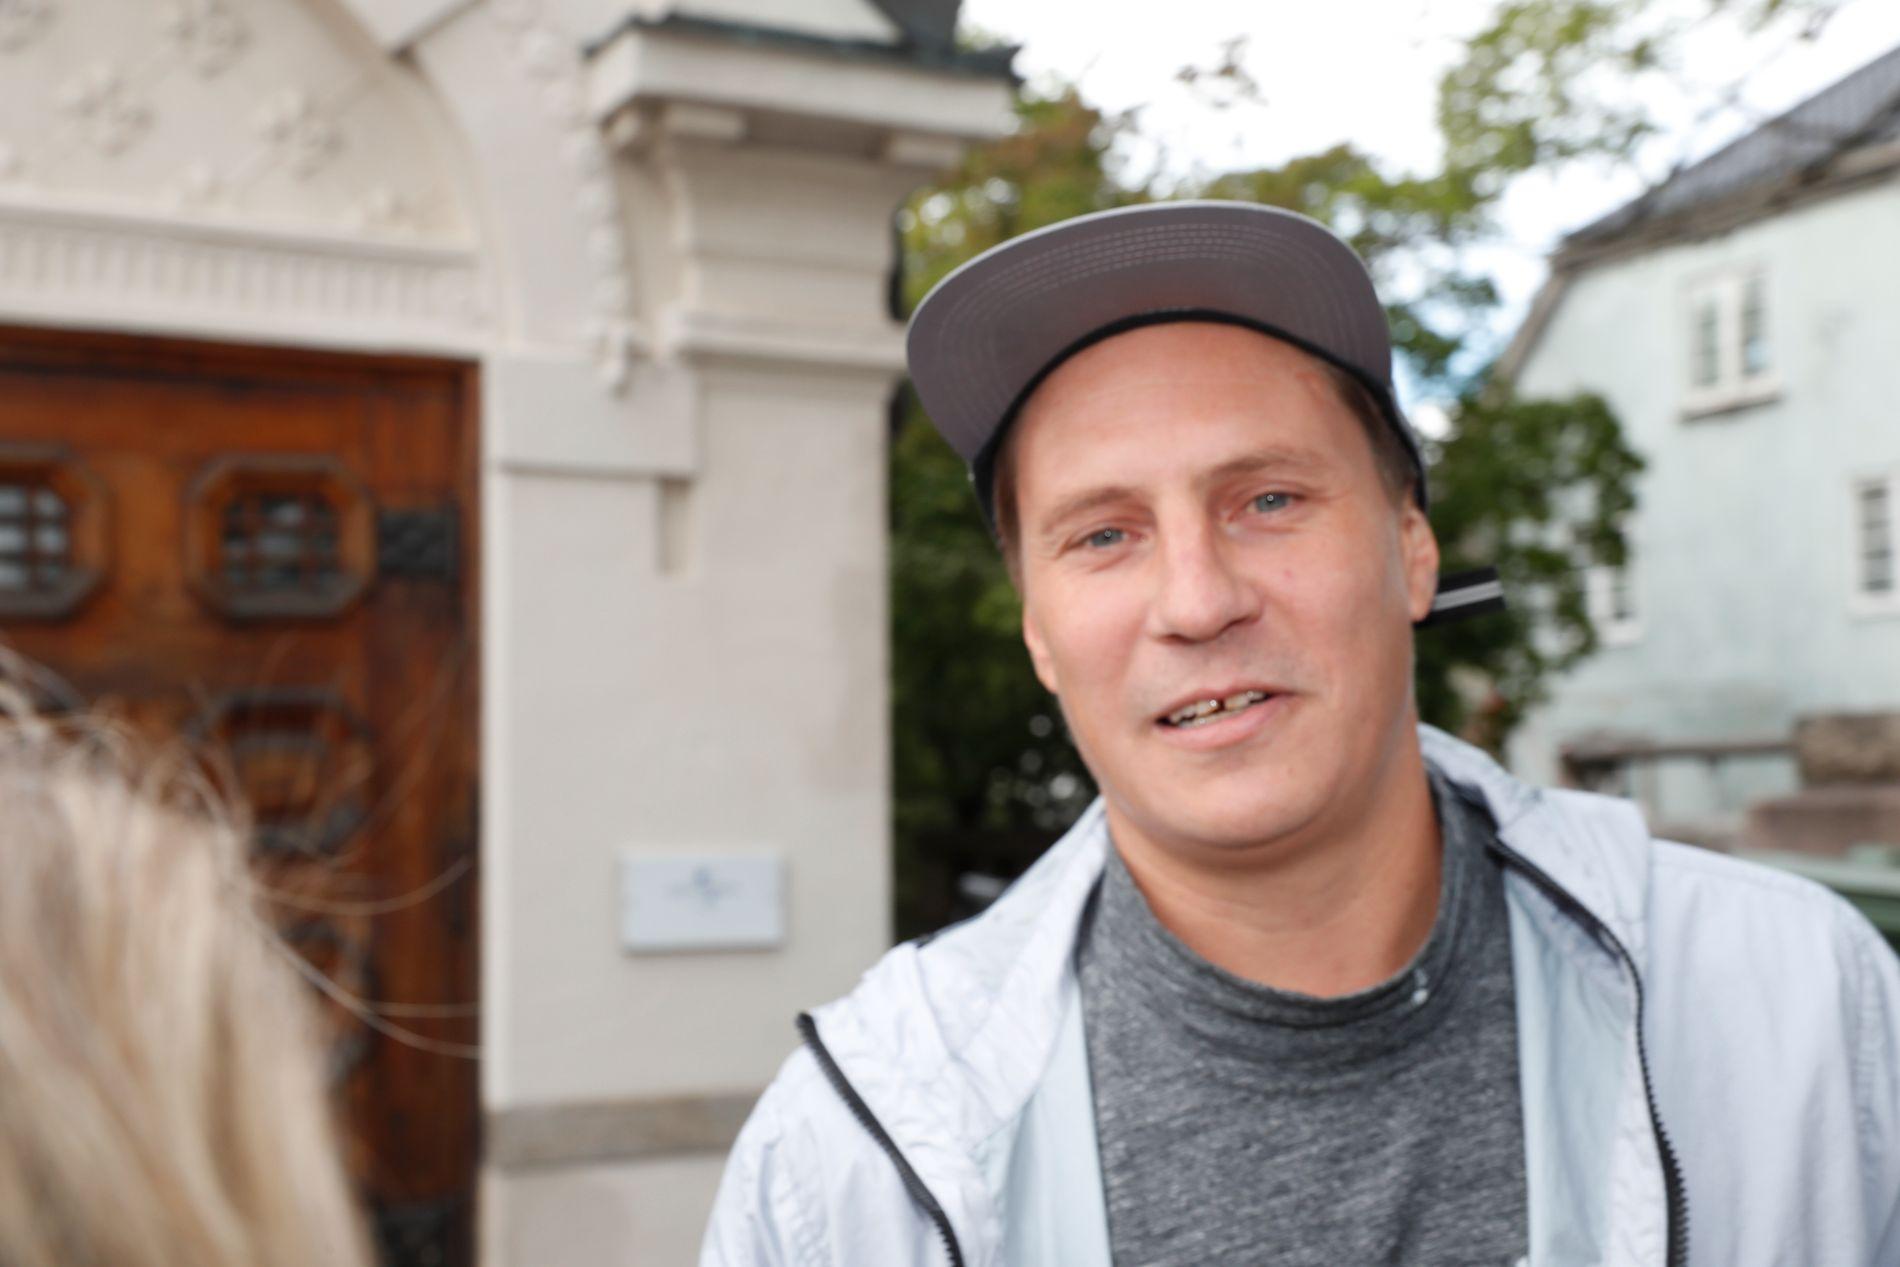 PÅ FEST: VG-lista aktuelle OnklP var blant de inviterte på Universals årlige sommerfest torsdag. Der åpnet han seg om pappatilværelsen.